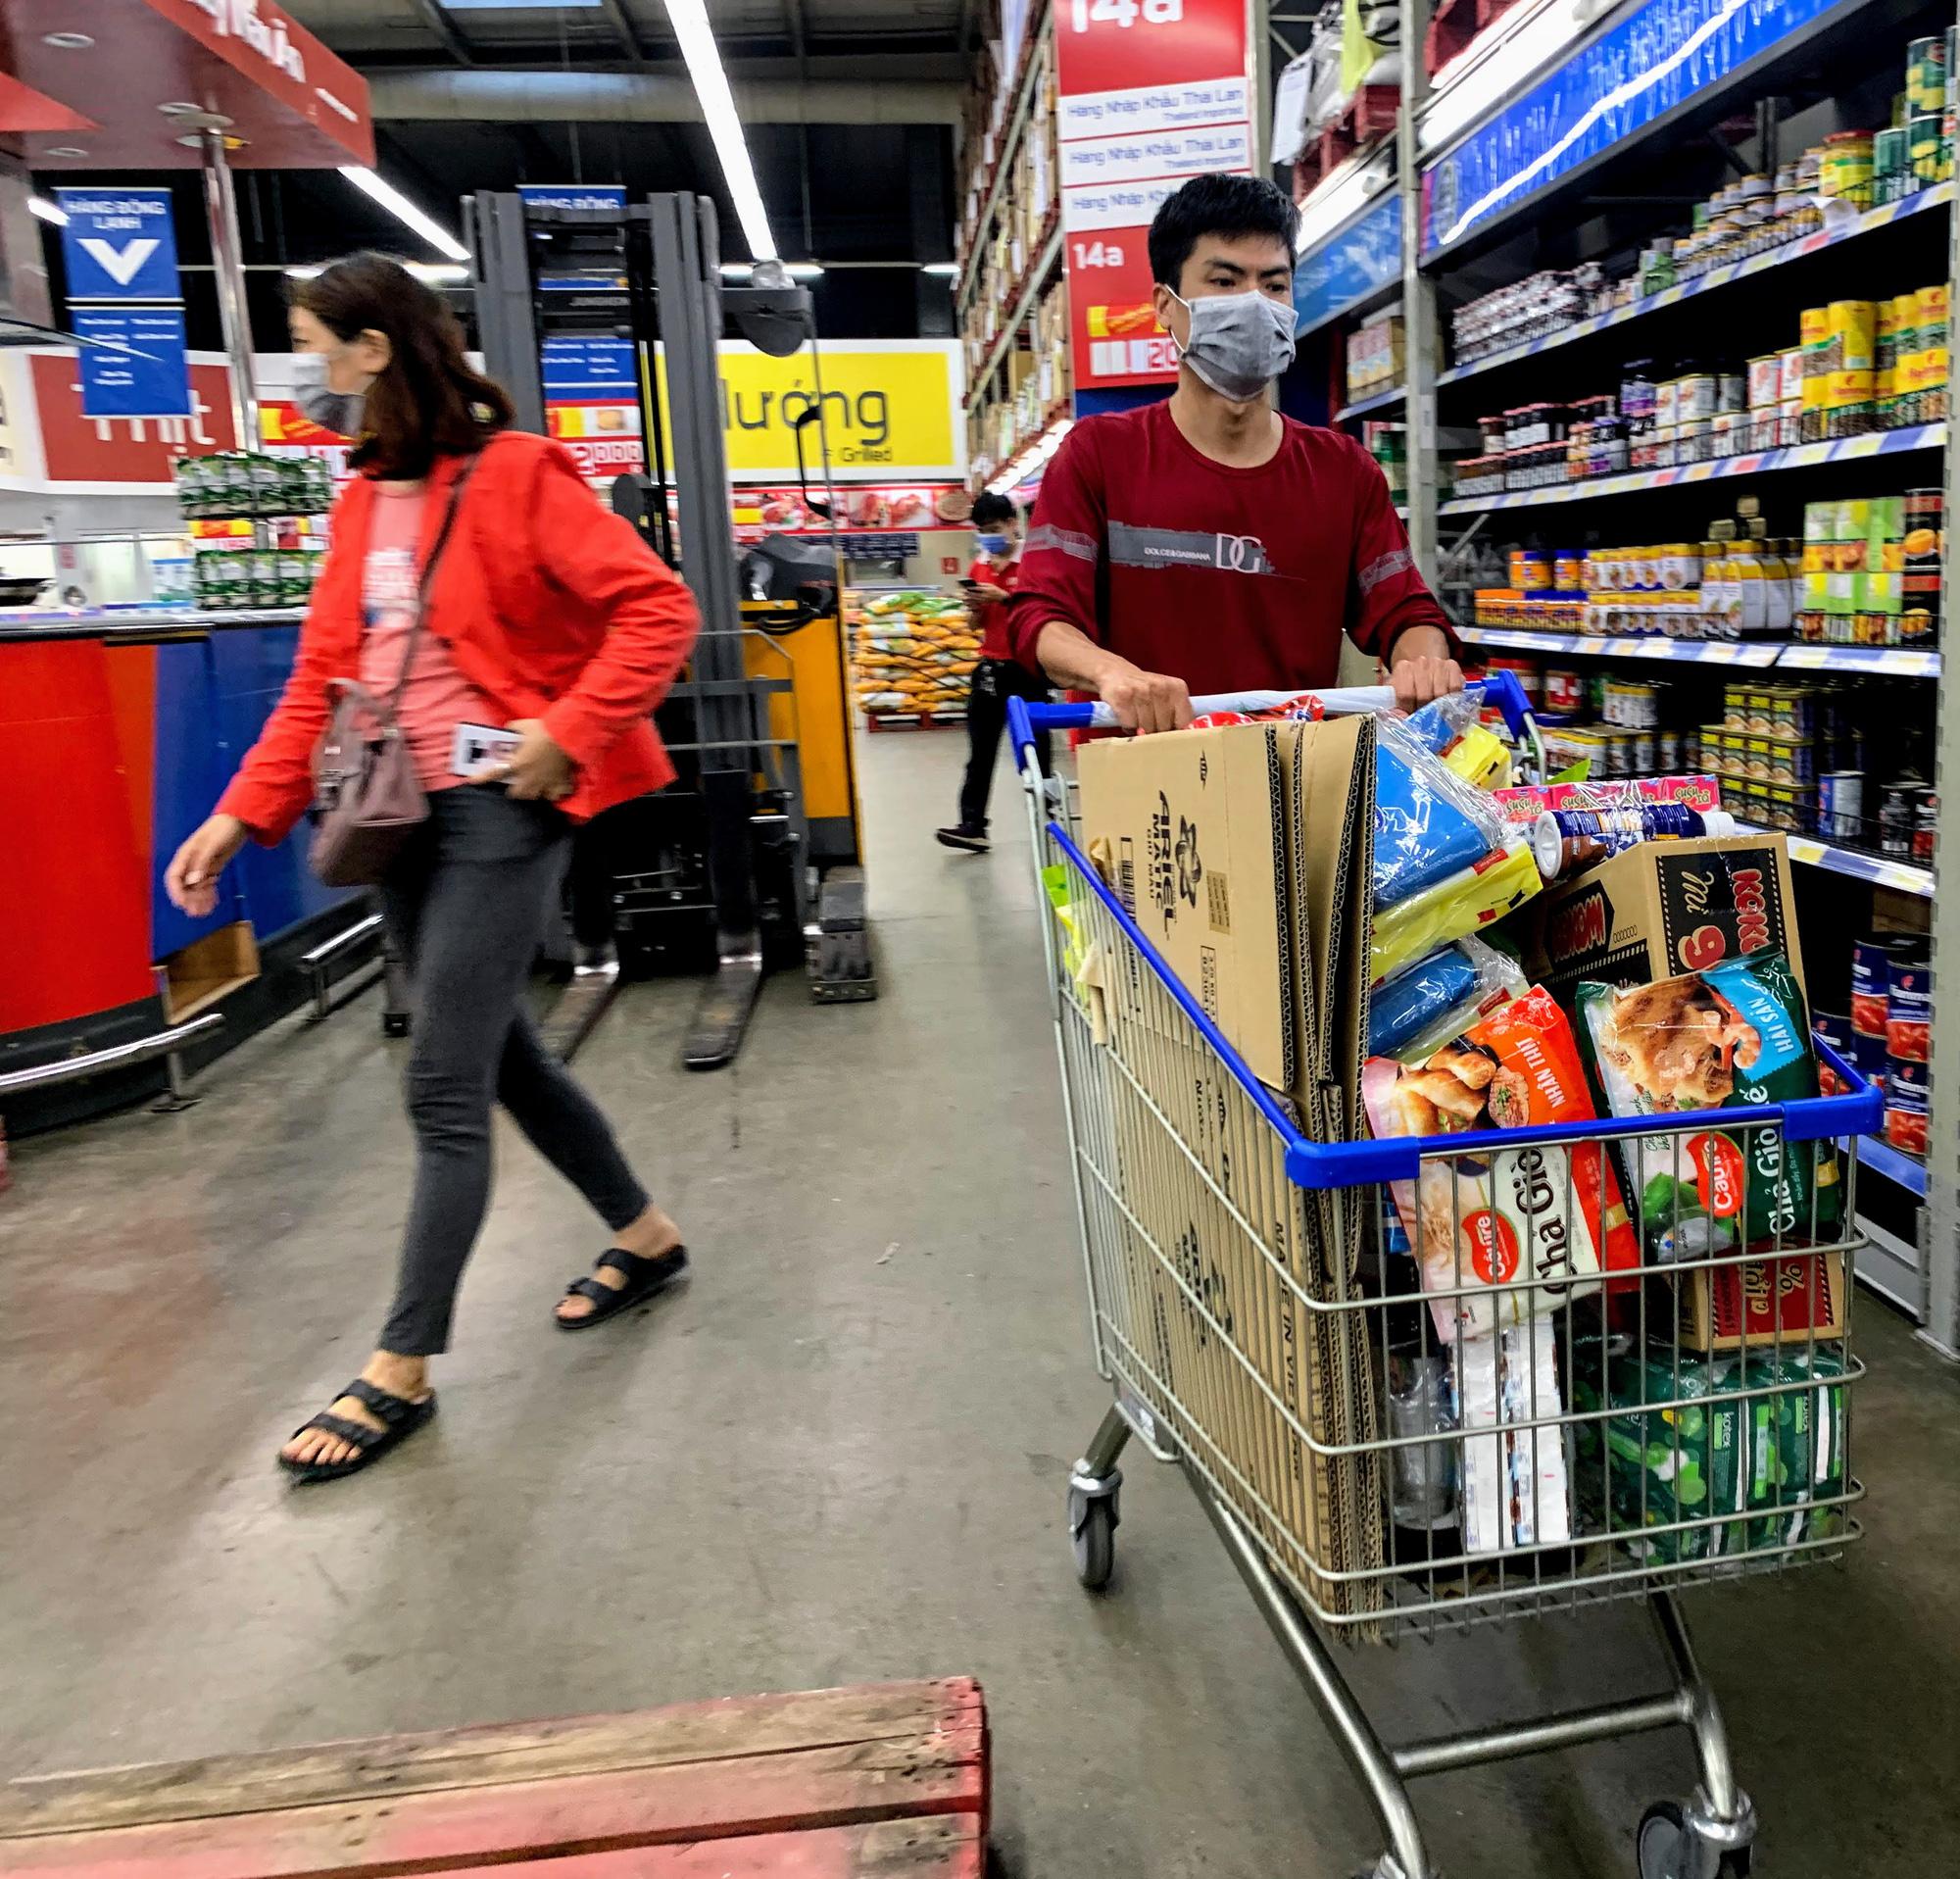 17 người nhiễm Covid - 19 được chữa khỏi, người dân lạc quan quay trở lại mua sắm trong siêu thị, trung tâm thương mại - Ảnh 15.